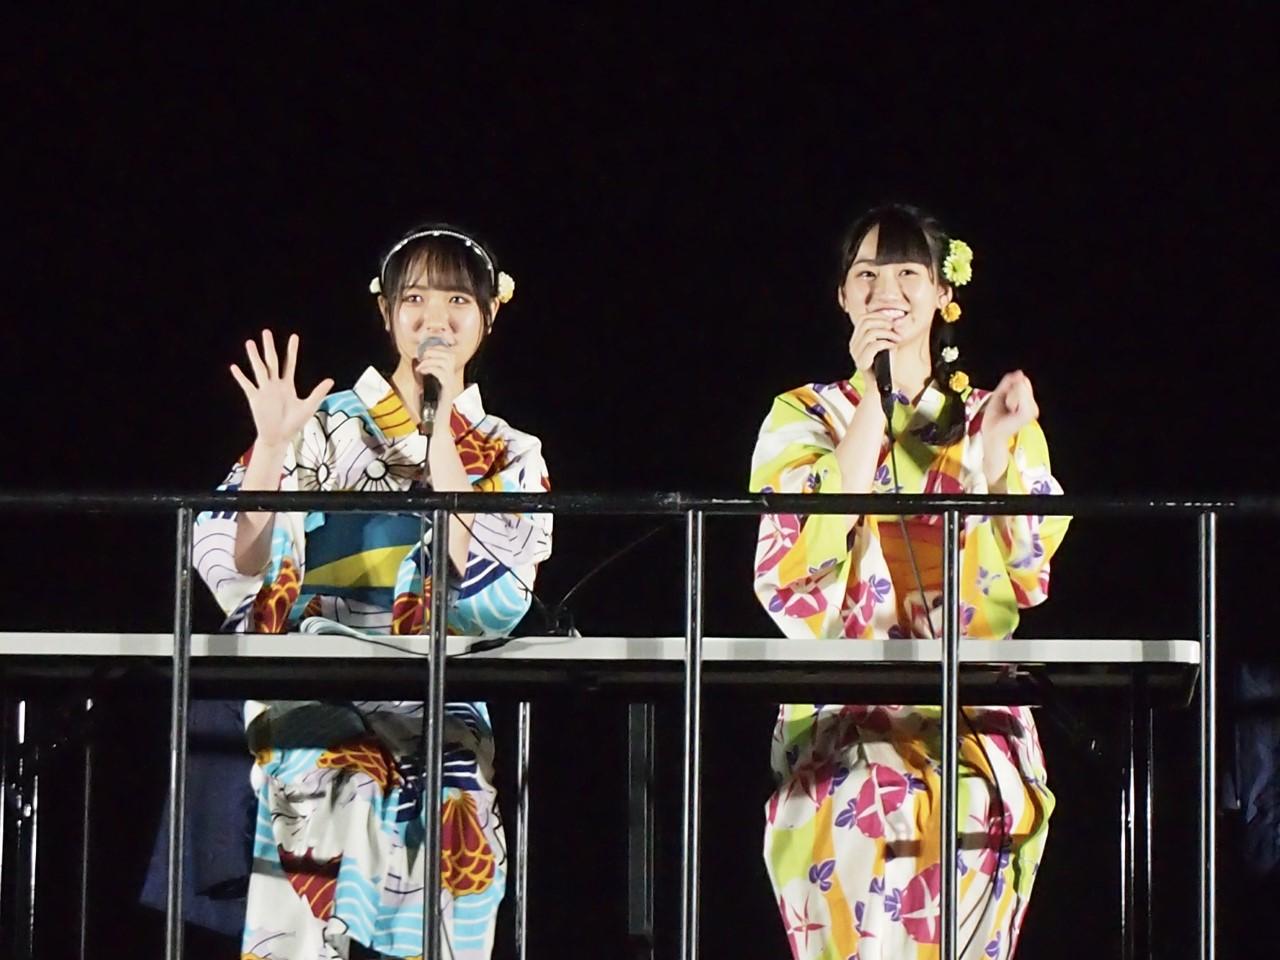 石田千穂と信濃宙花 (C) STU